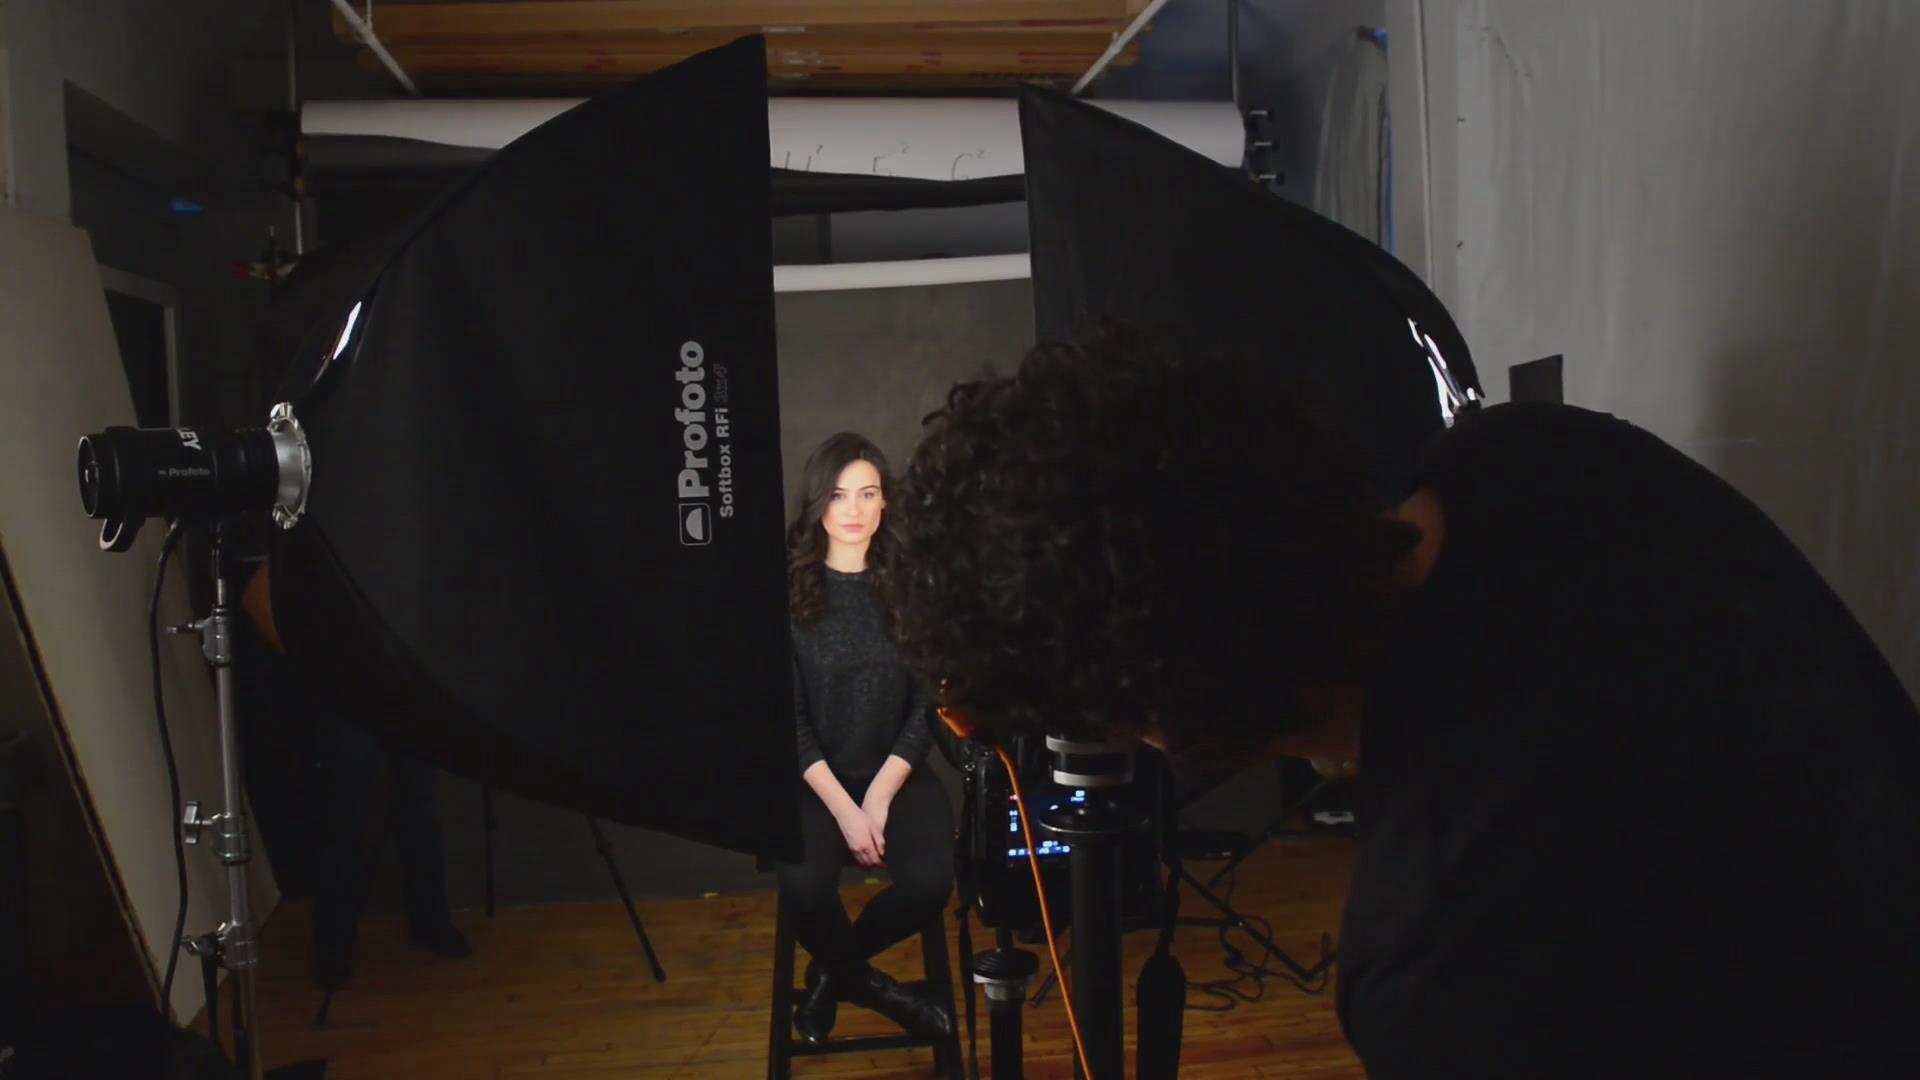 摄影教程_Fstoppers-彼得·赫利(Peter Hurley)完美头像人像面部布光教程-中文字幕 摄影教程 _预览图8